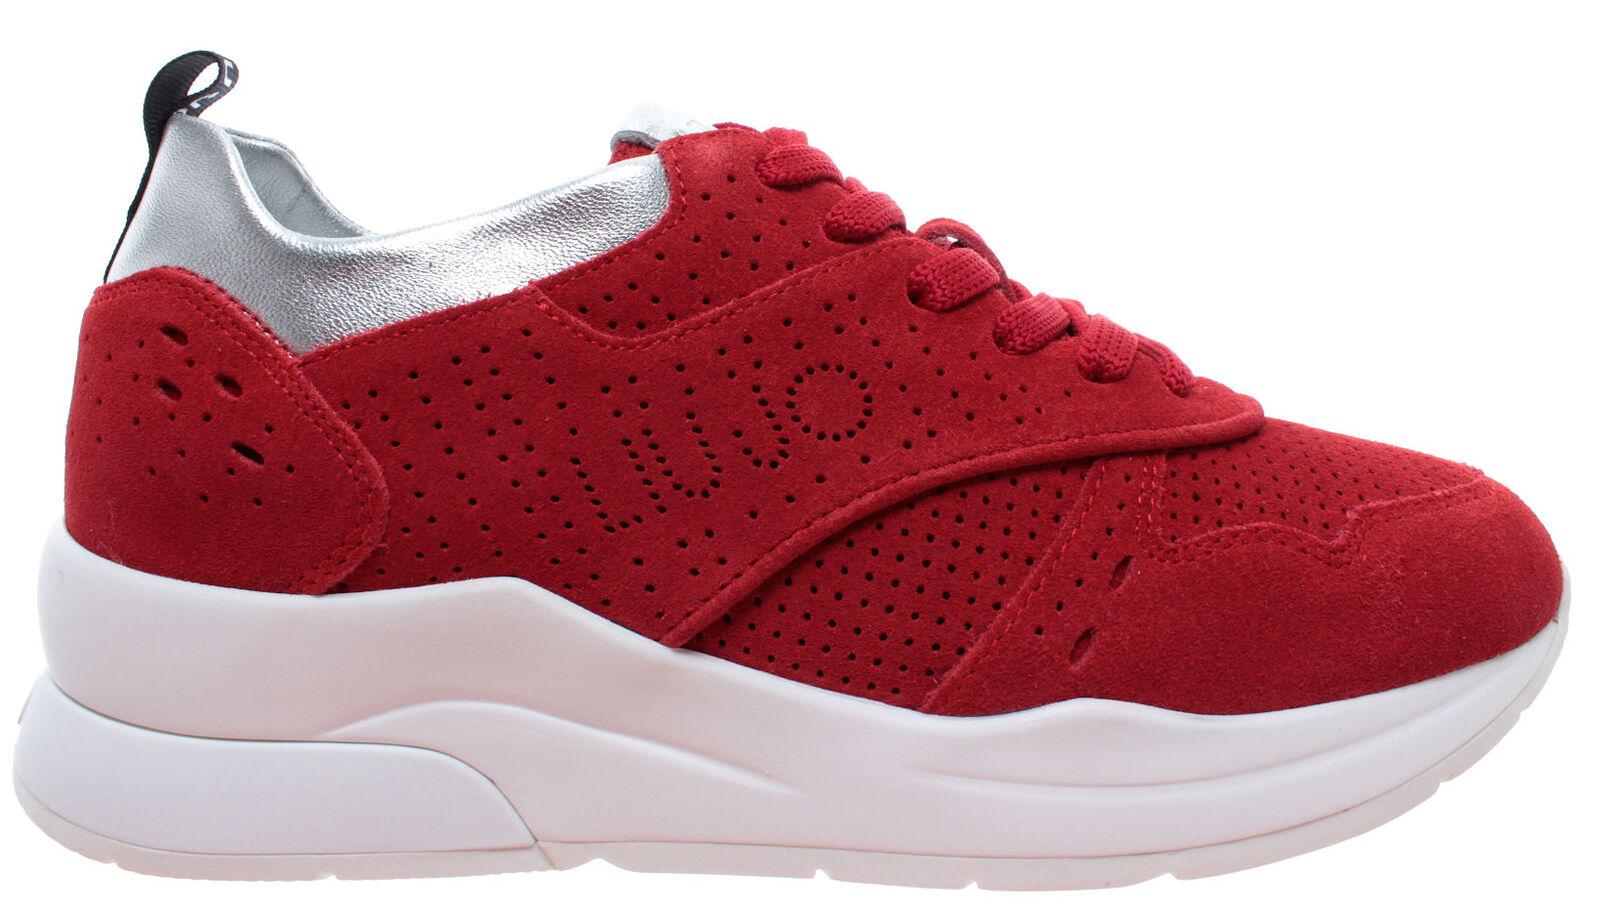 Liu jo Milano Karlie 14 14 14 zapatillas serraje rojo Zapatos señora nuevo  buscando agente de ventas